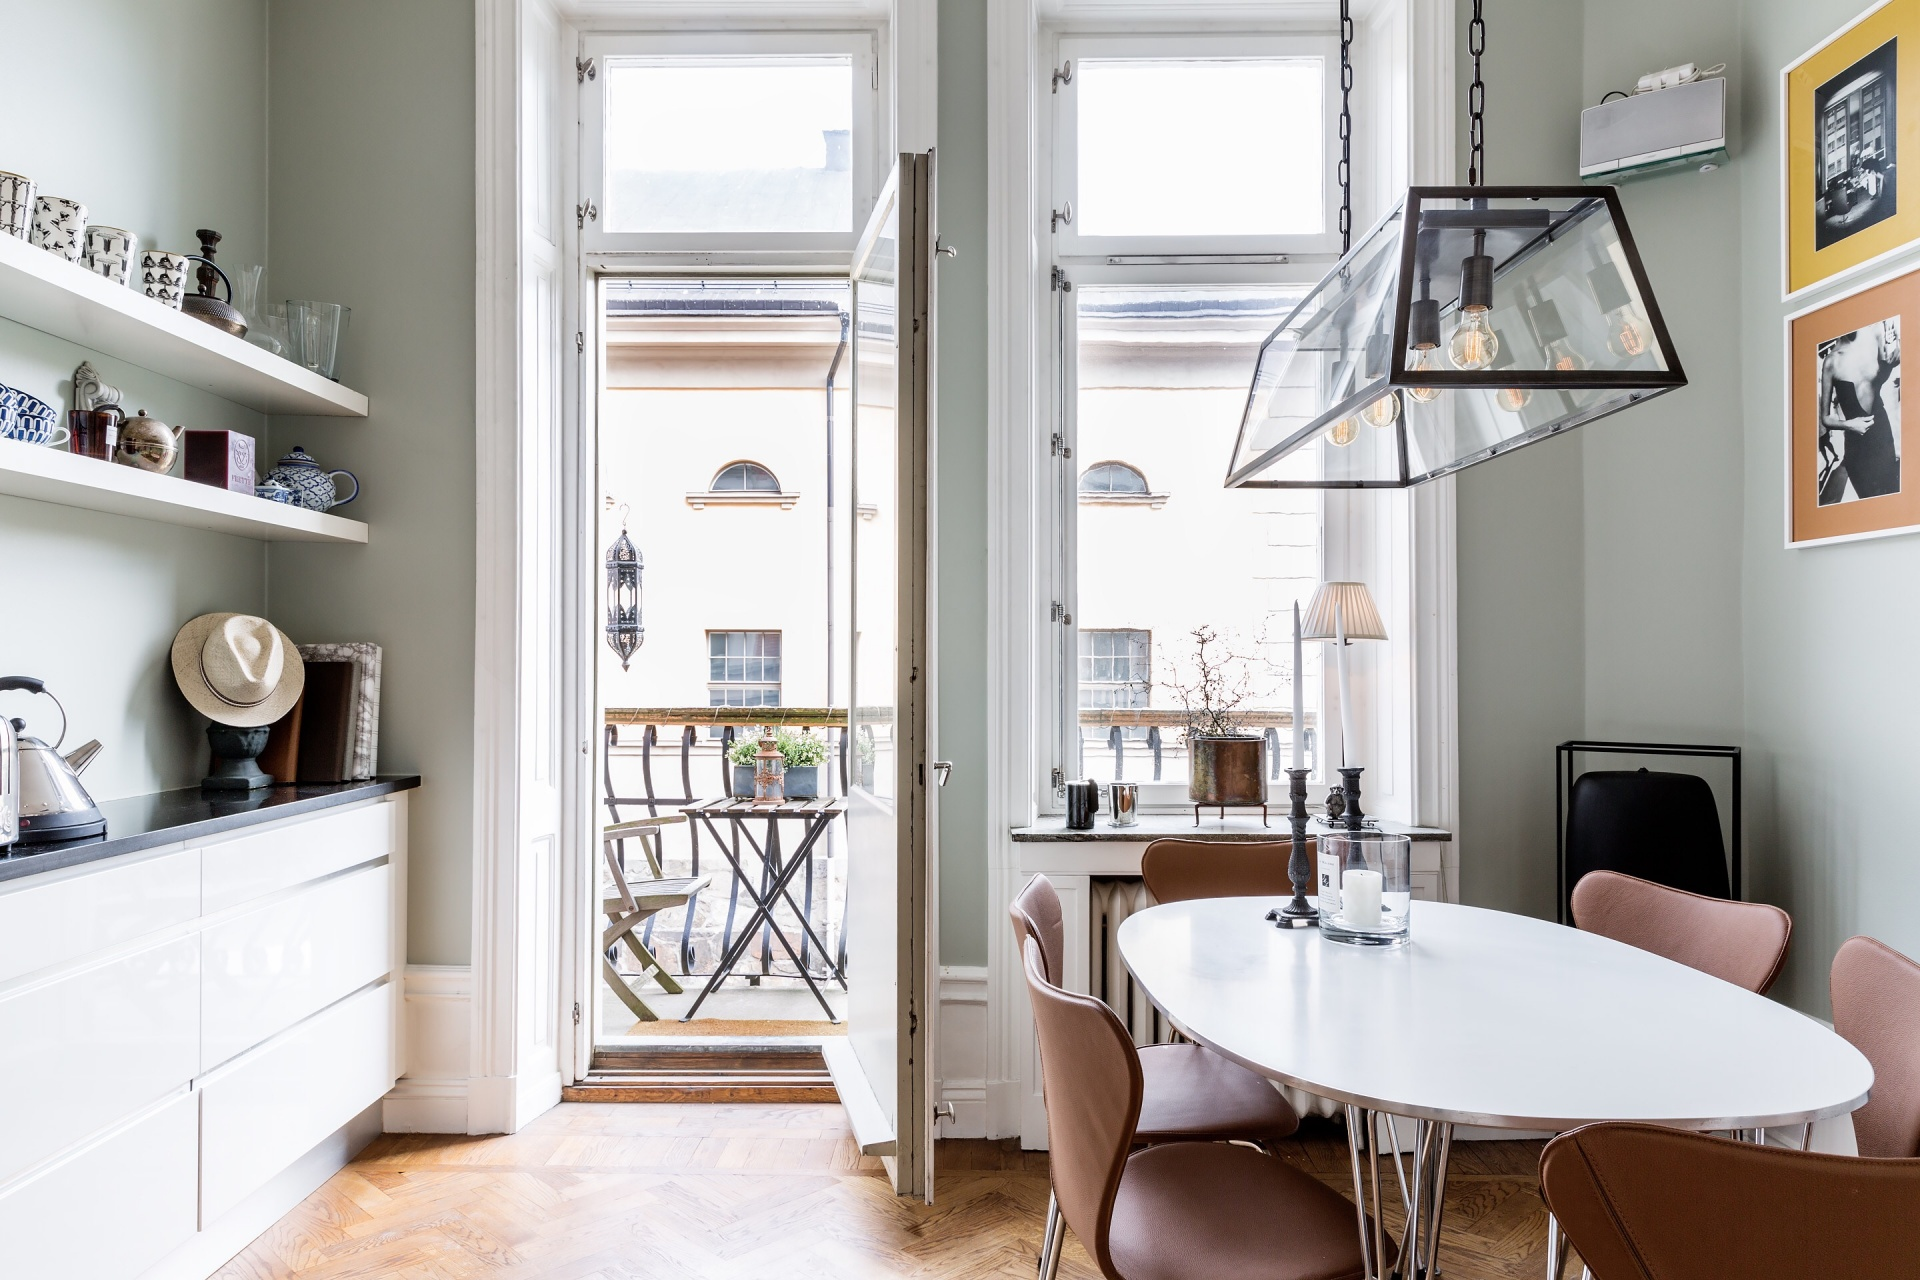 кухня обеденный стол стулья выход на балкон